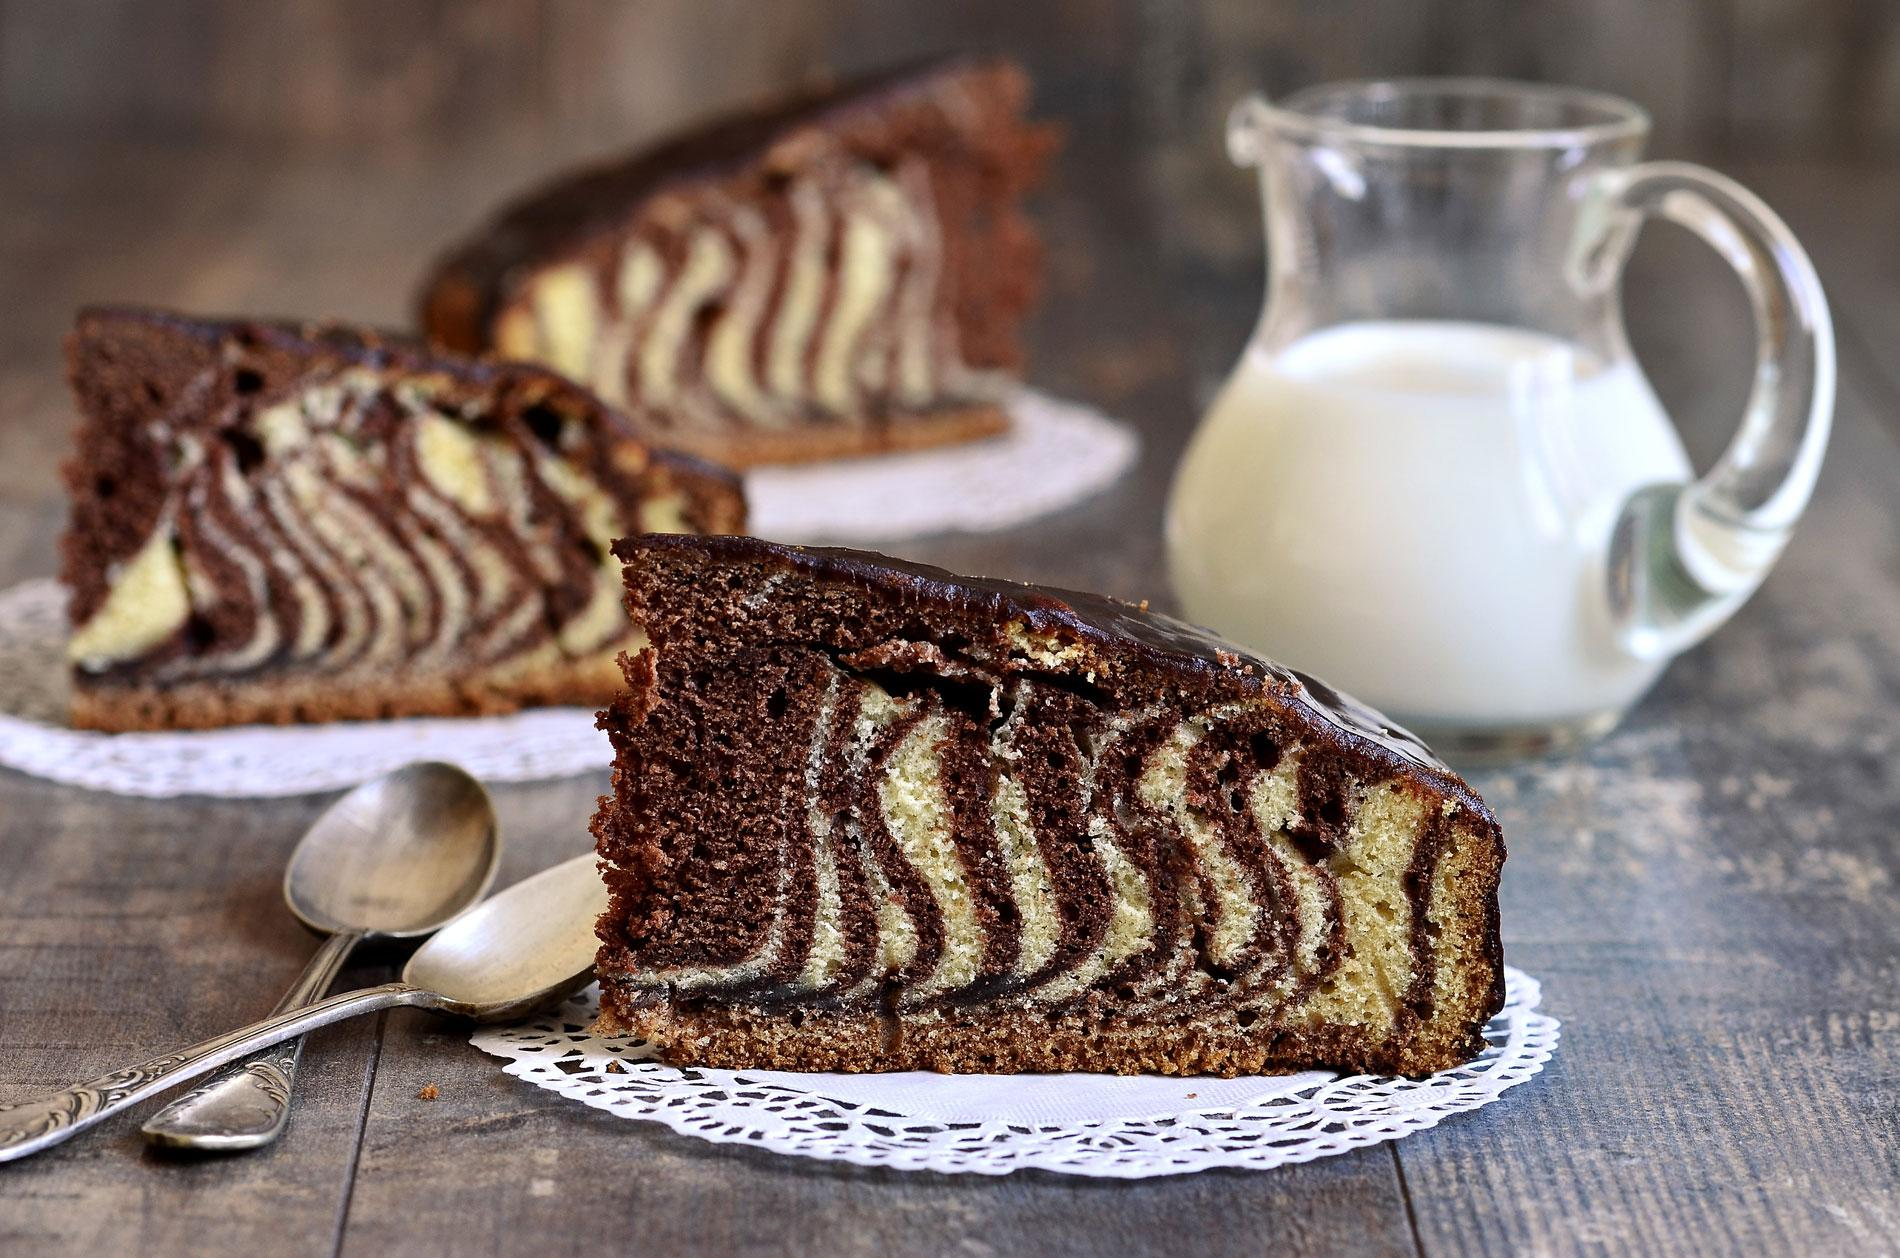 Recette cake marbré au chocolat au lait